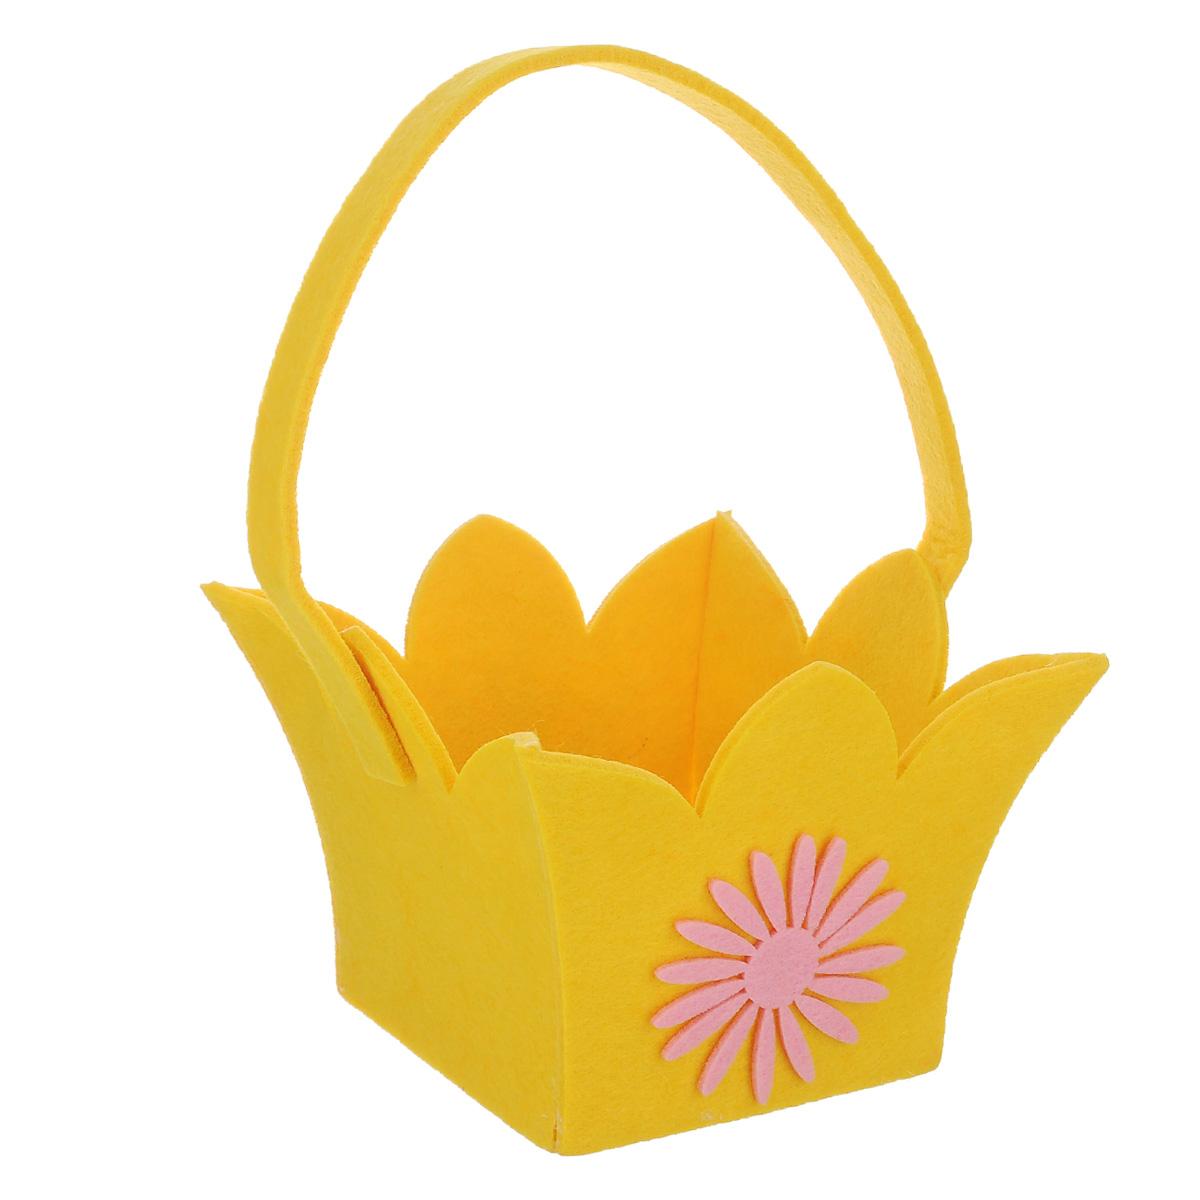 Корзинка Home Queen Лилия, цвет: желтый, 14 см х 14 см х 12 см66832_1Корзинка Home Queen Лилия предназначена для украшения интерьера и сервировки стола. Изделие выполнено из фетра, оформлено аппликацией в виде цветка. Корзинка оснащена ручкой. Такая оригинальная корзинка станет ярким украшением стола. Идеальный вариант для хранения пасхальных яиц или хлеба.